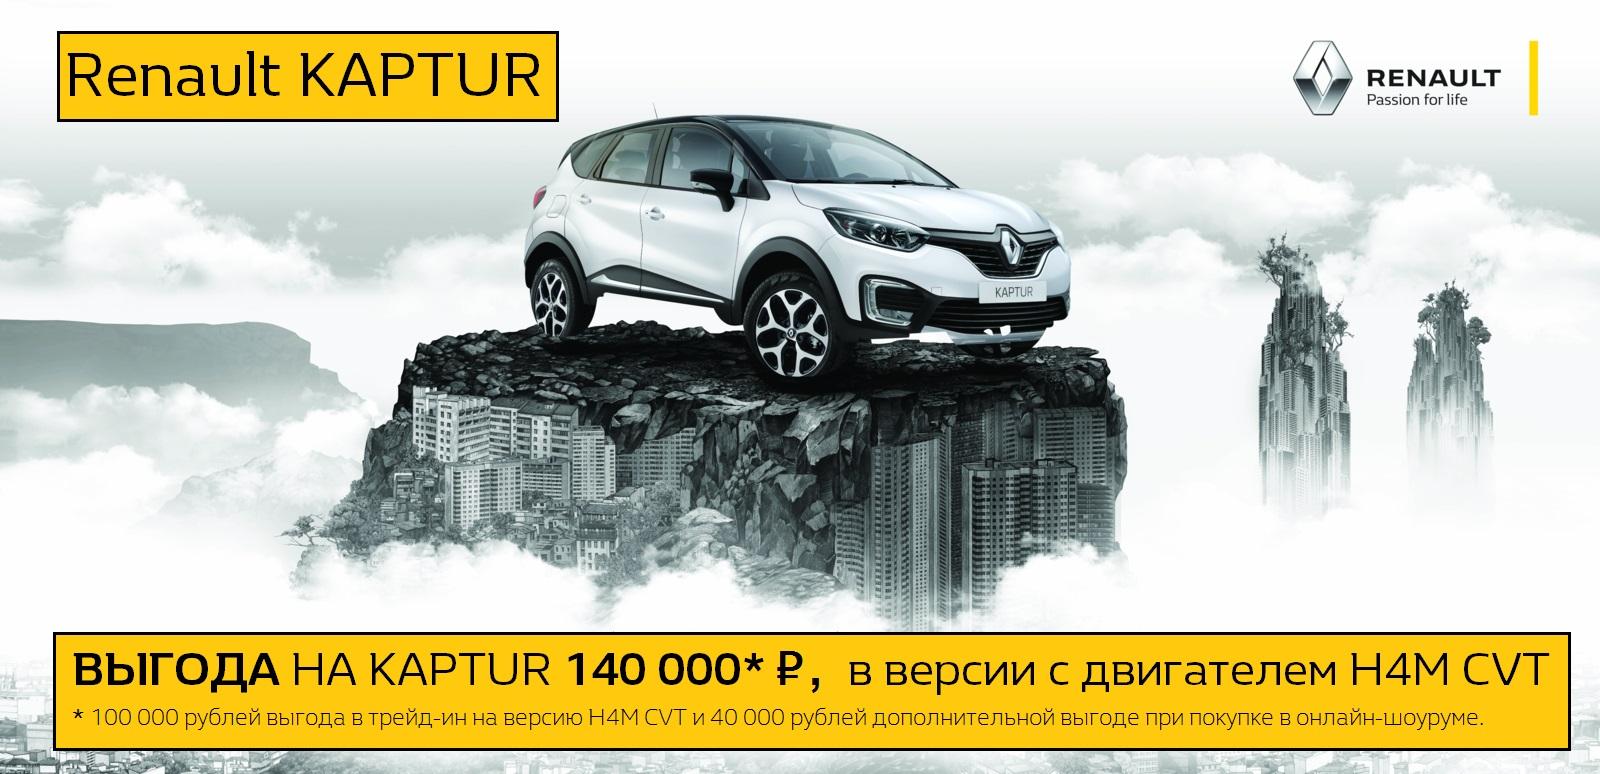 Renault KAPTUR с сумасшедшей выгодой!